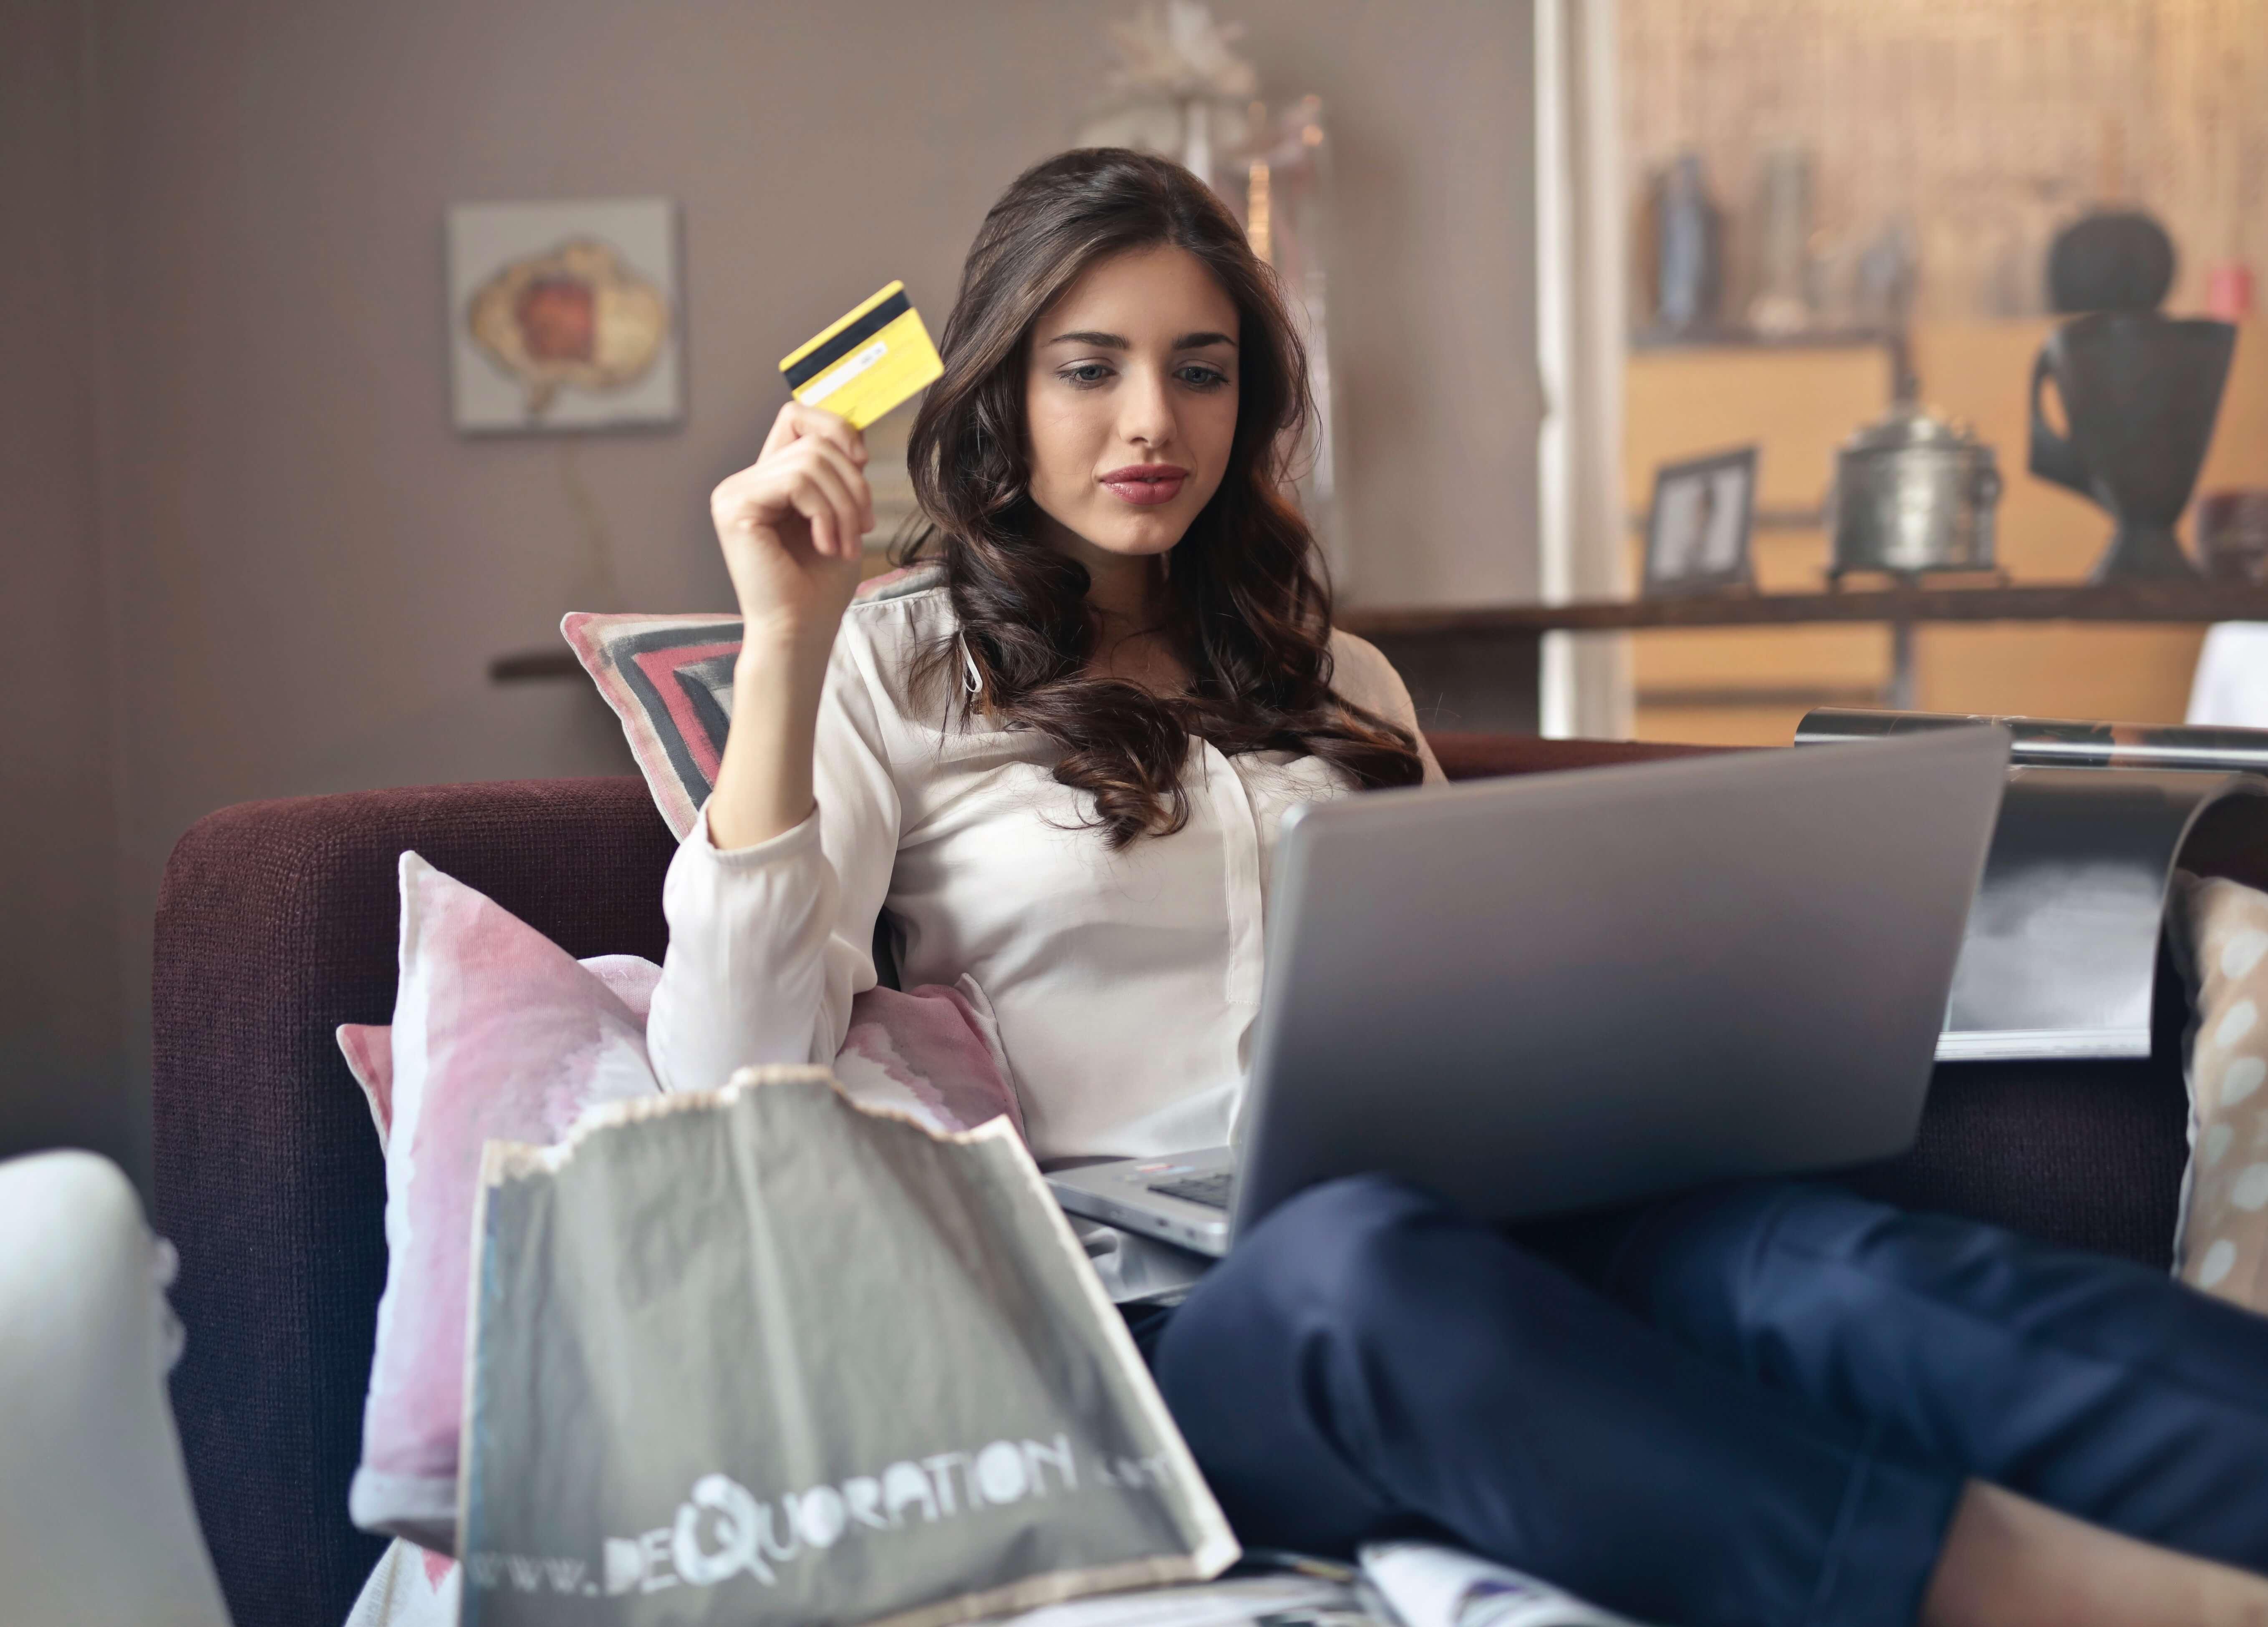 Mädchen sitzt auf dem Sofa mit einem Laptop